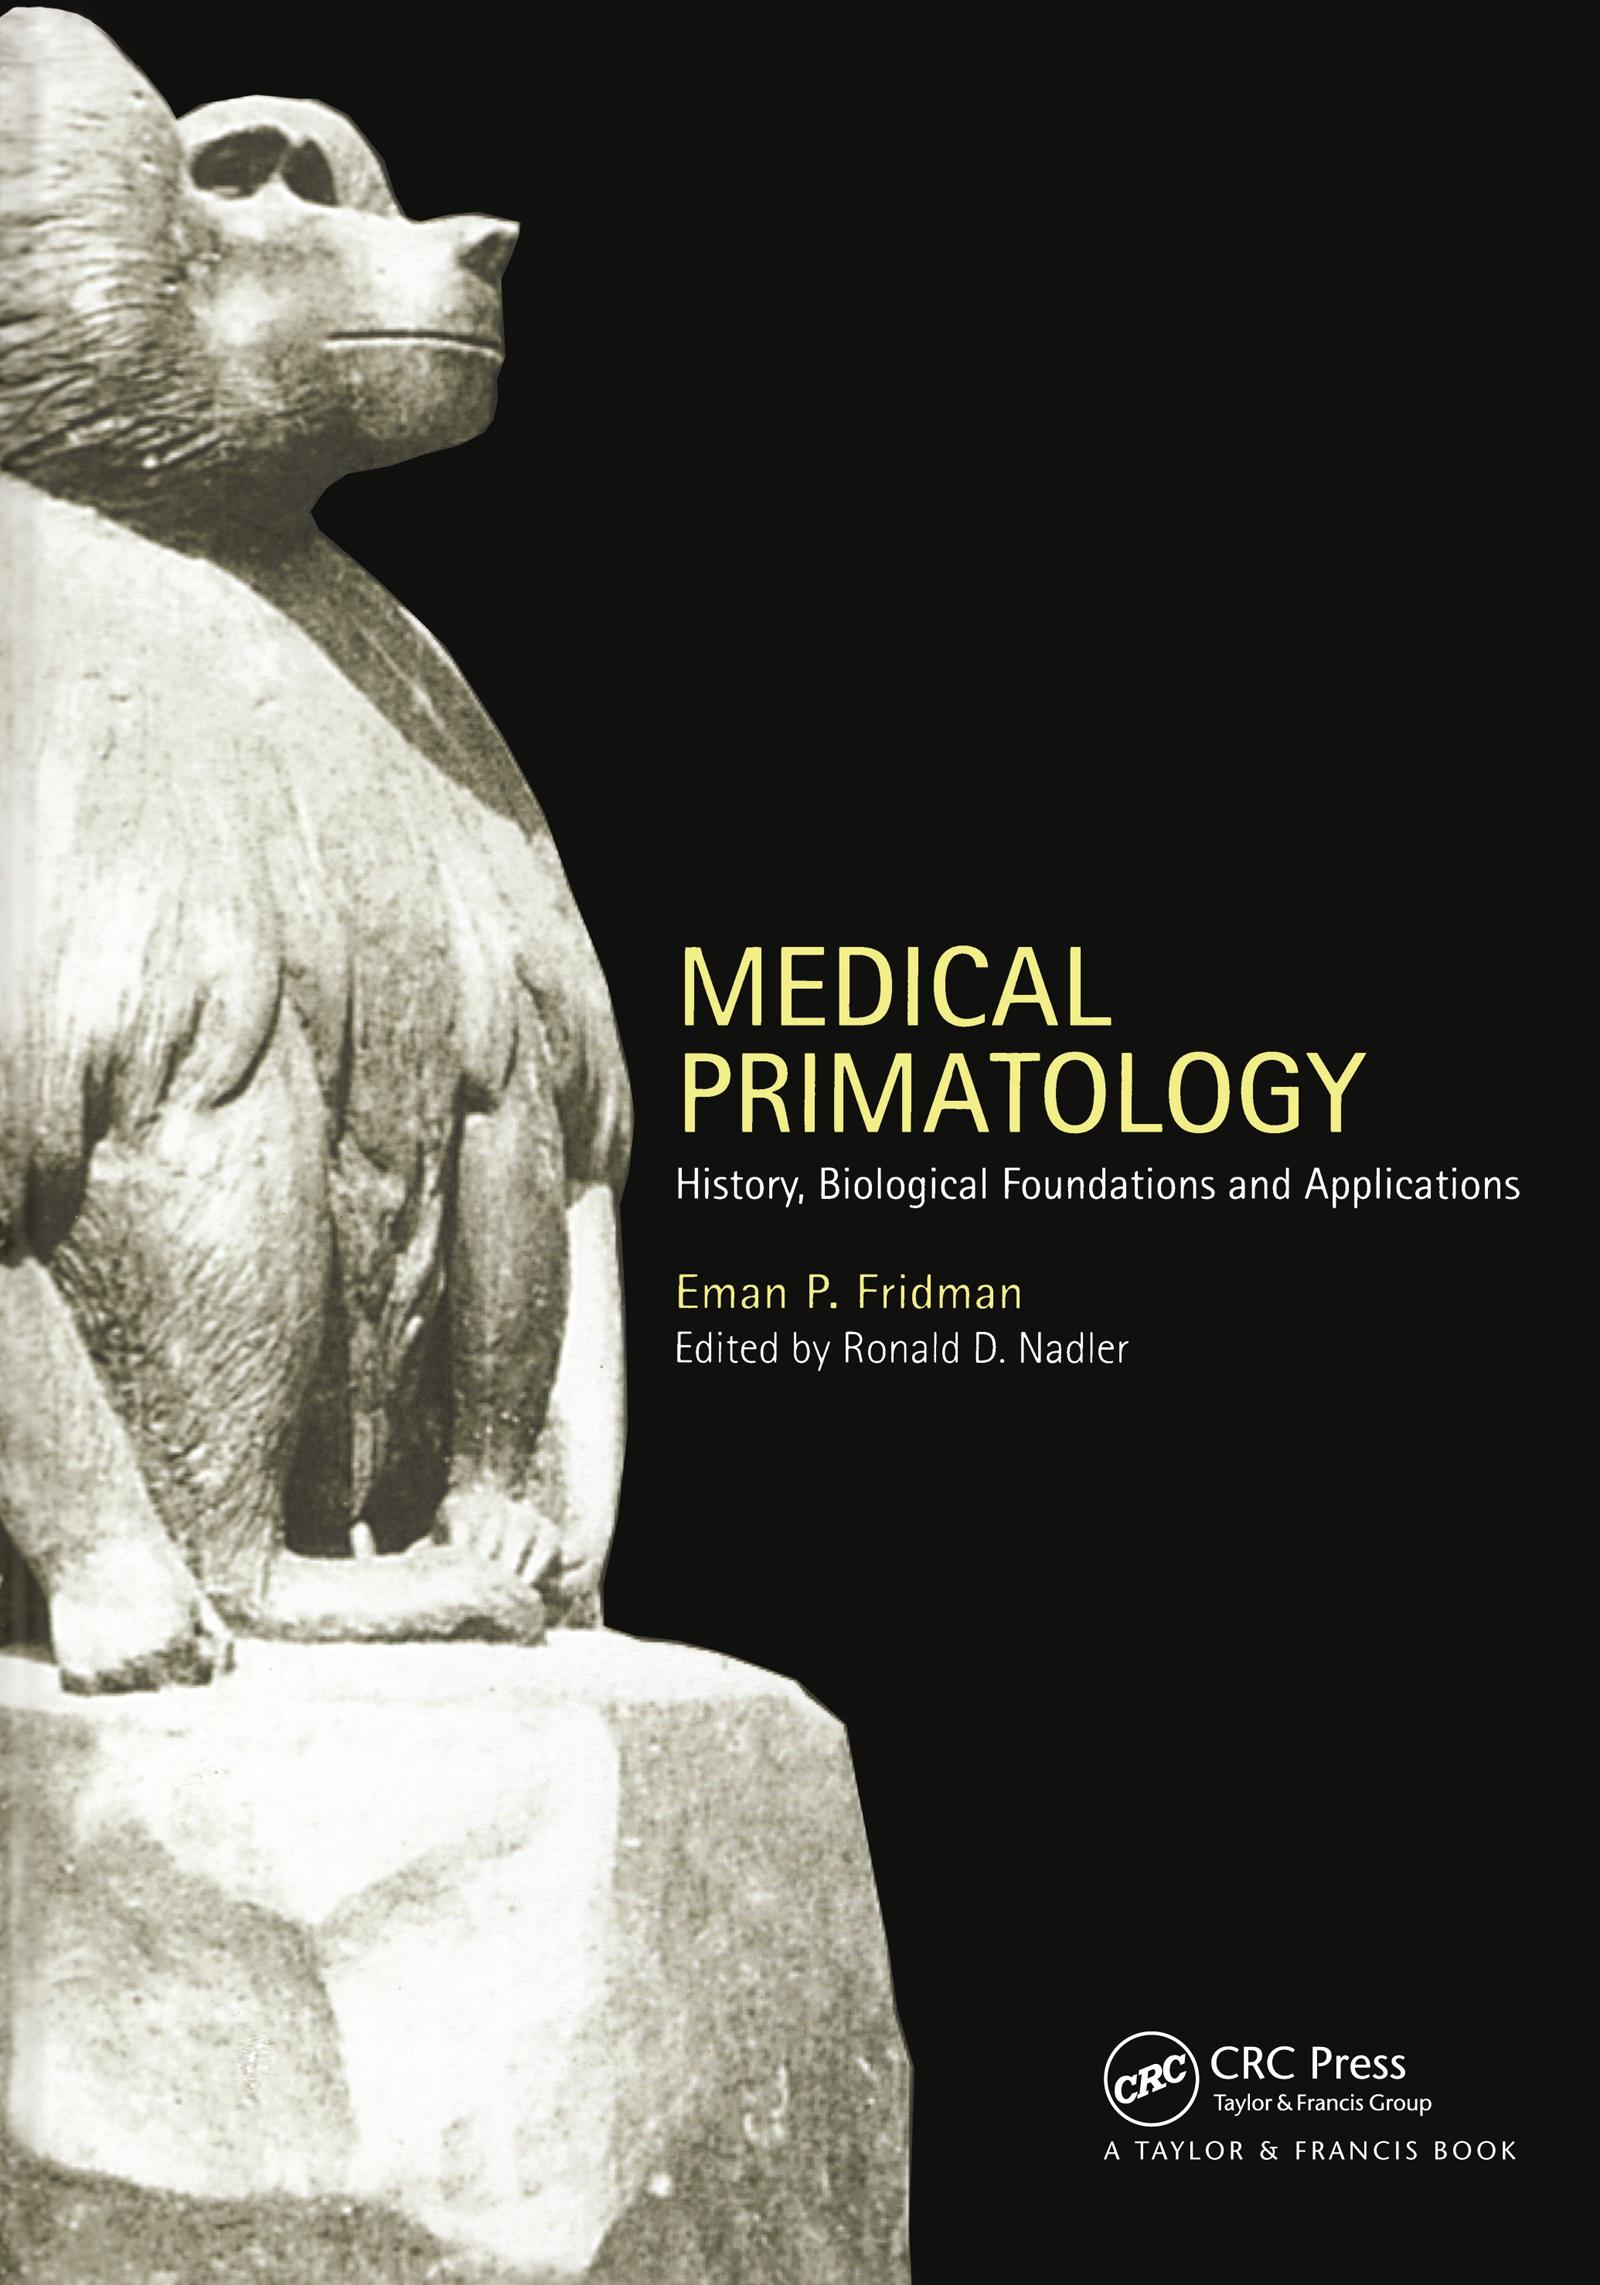 Medical Primatology